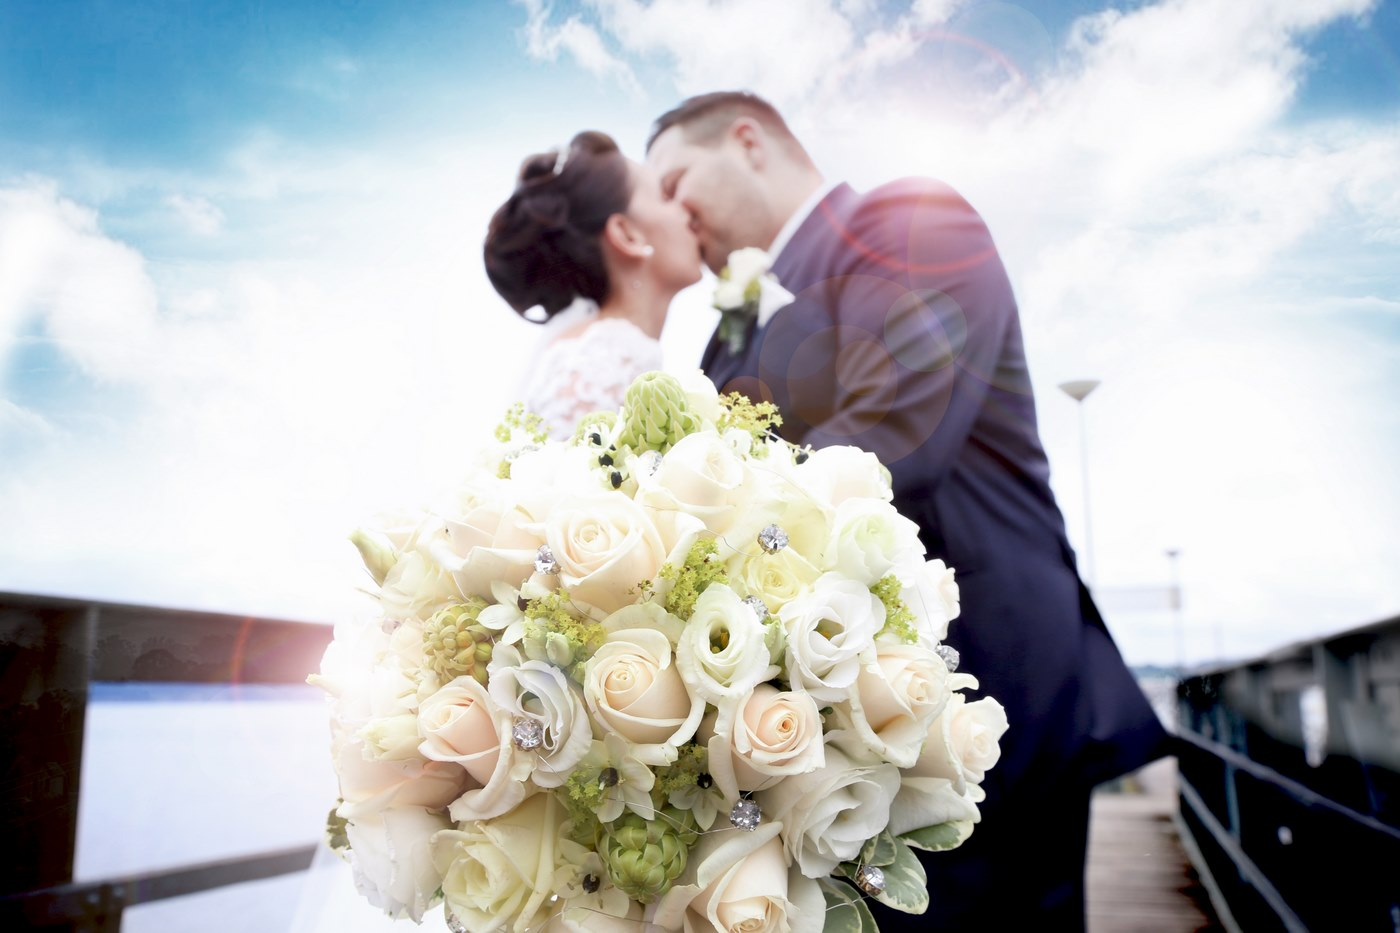 Brautpaar auf Holzsteg mit Blumenstrauß in der Hand